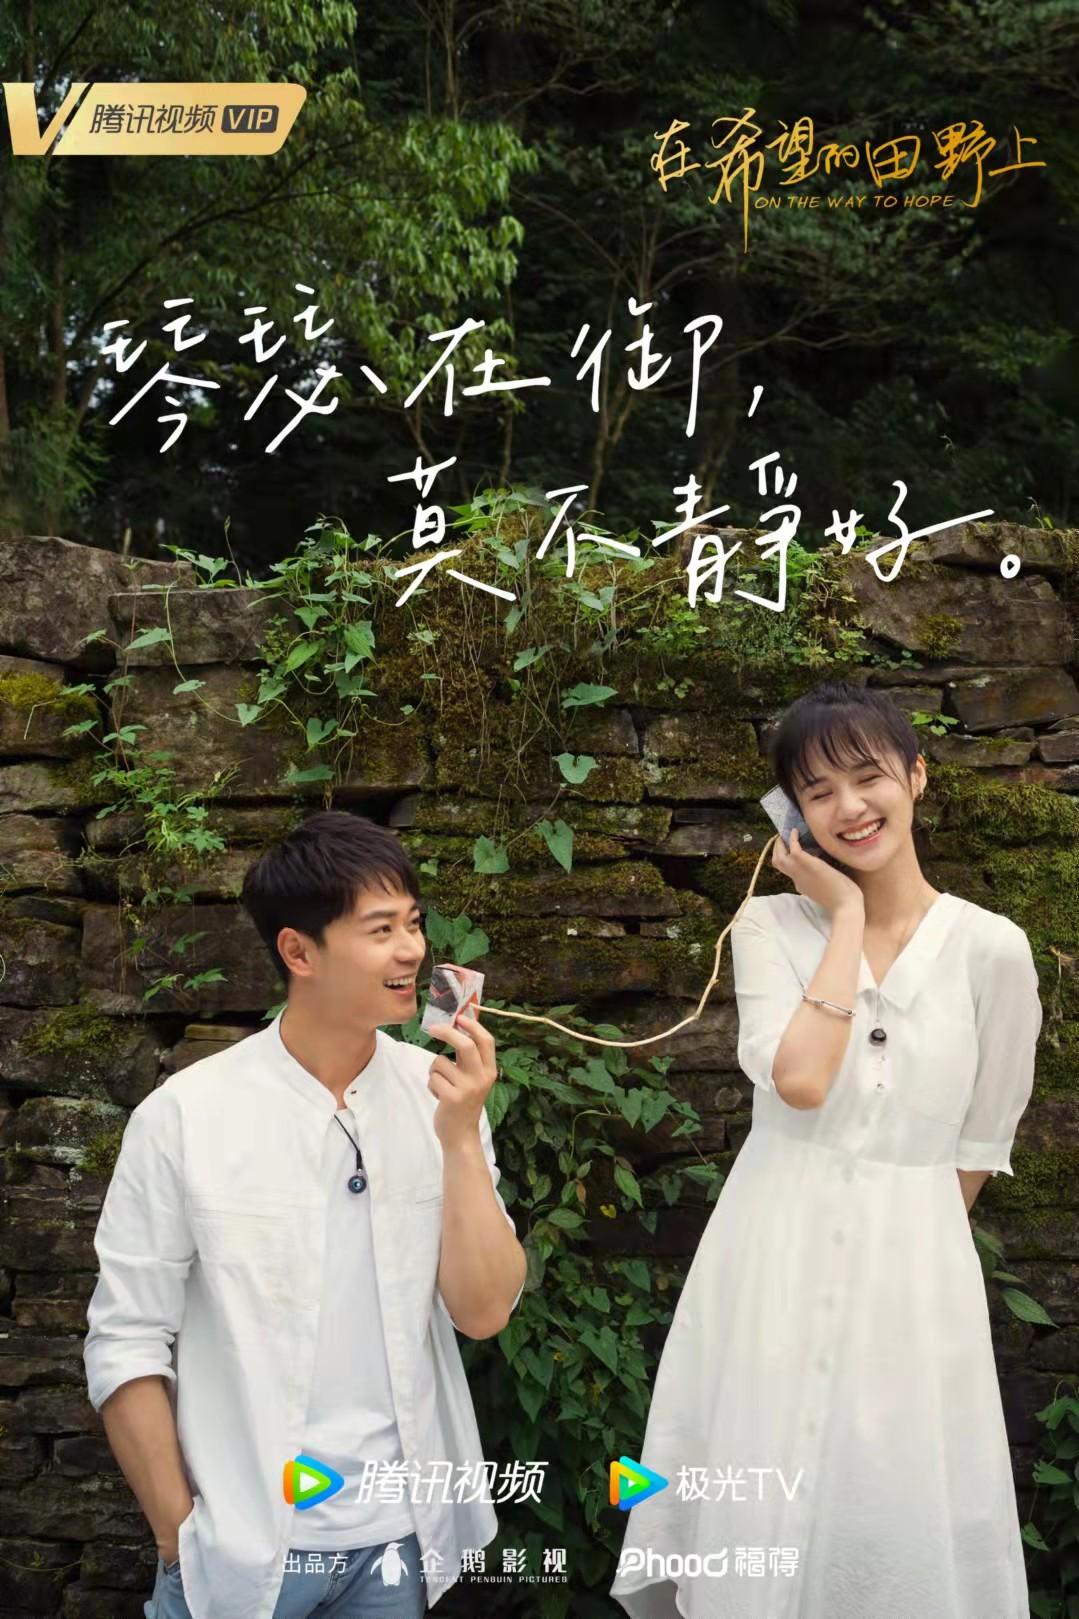 《在希望的田野上》即将播出 安悦溪在剧中饰演女主角卞筱悦一角